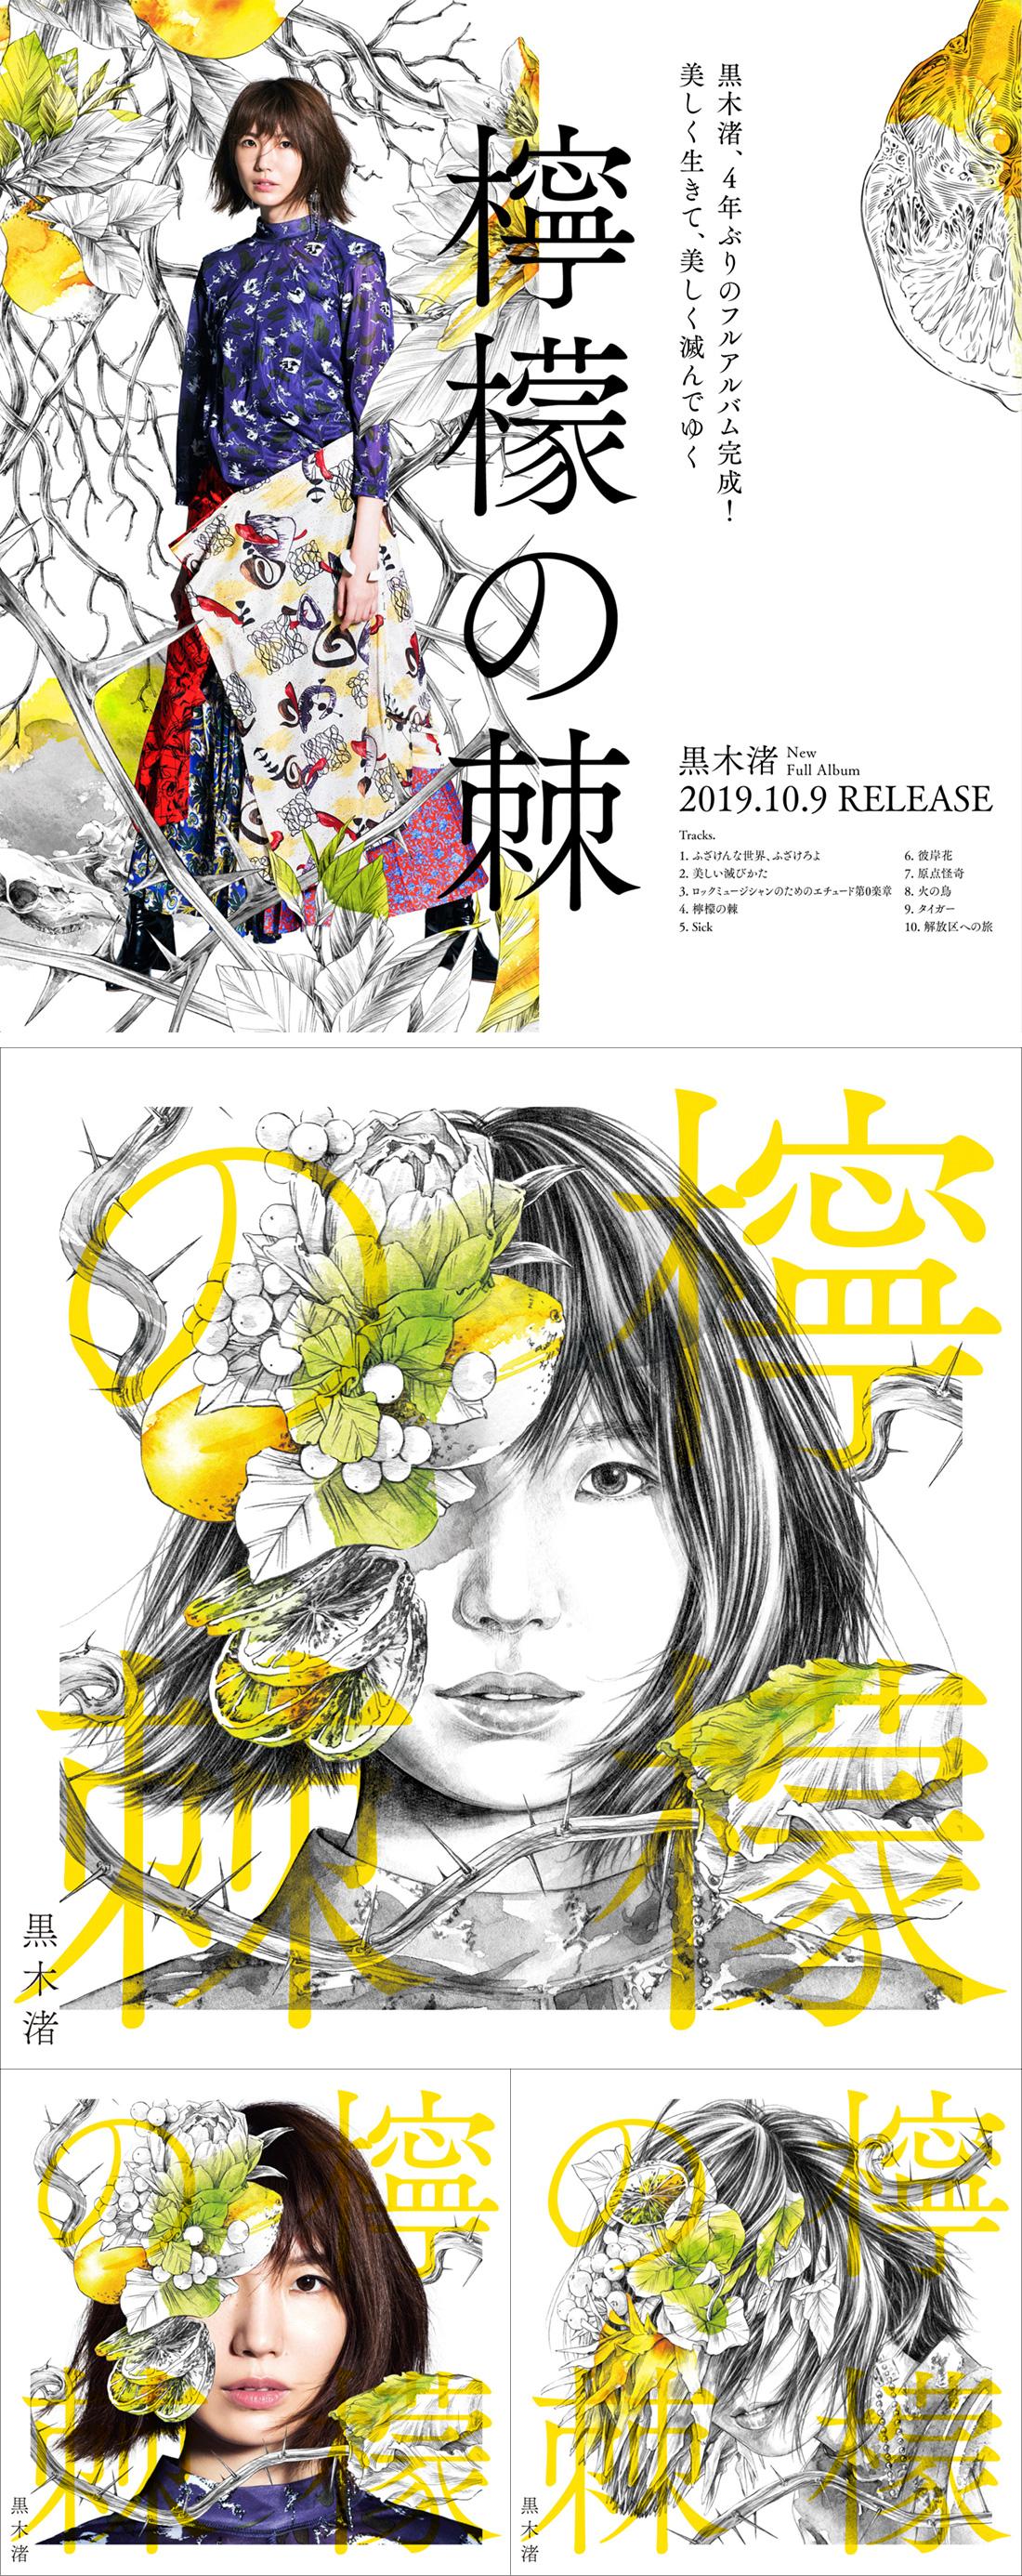 黒木渚 3rd Album『檸檬の棘』